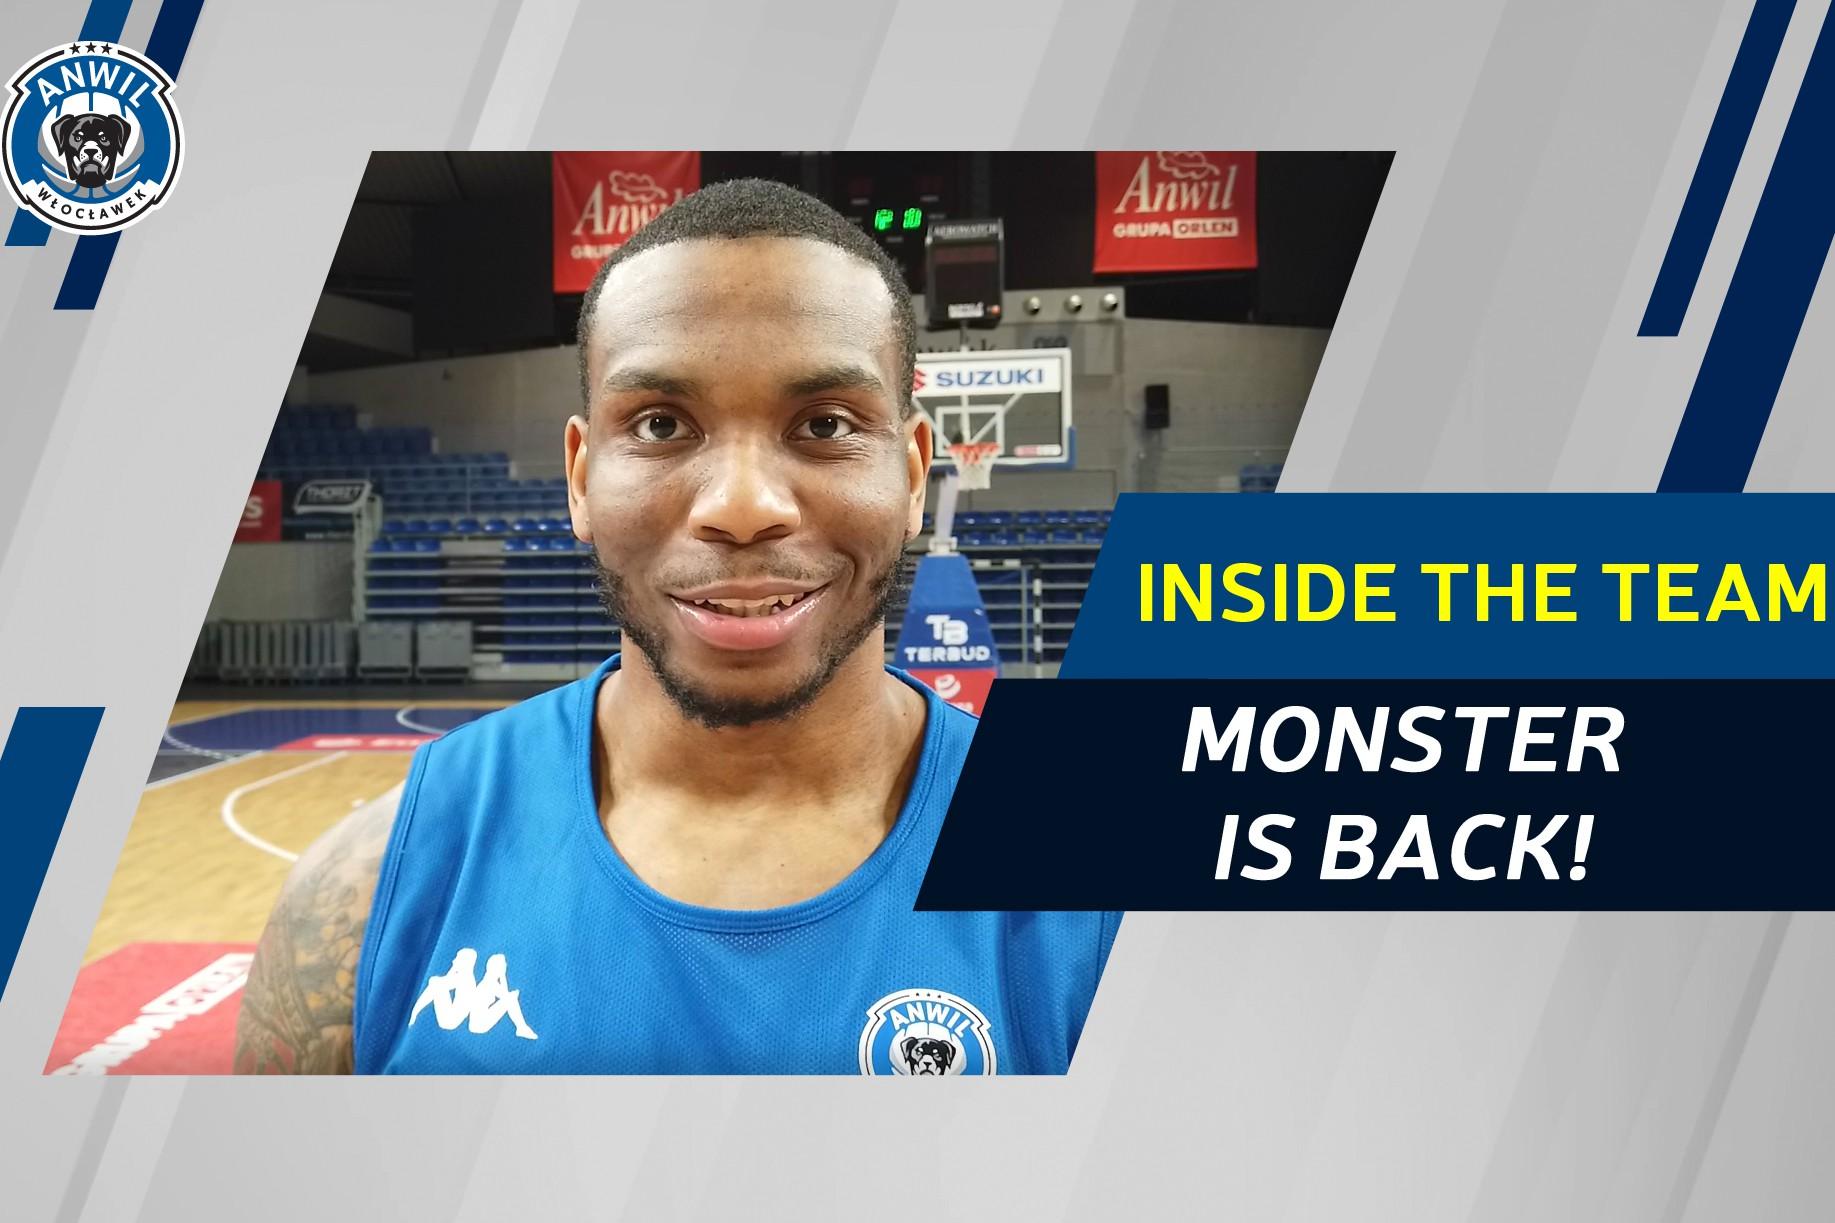 Wideo   SZYBKIE KULISY: Monster Jones is back!